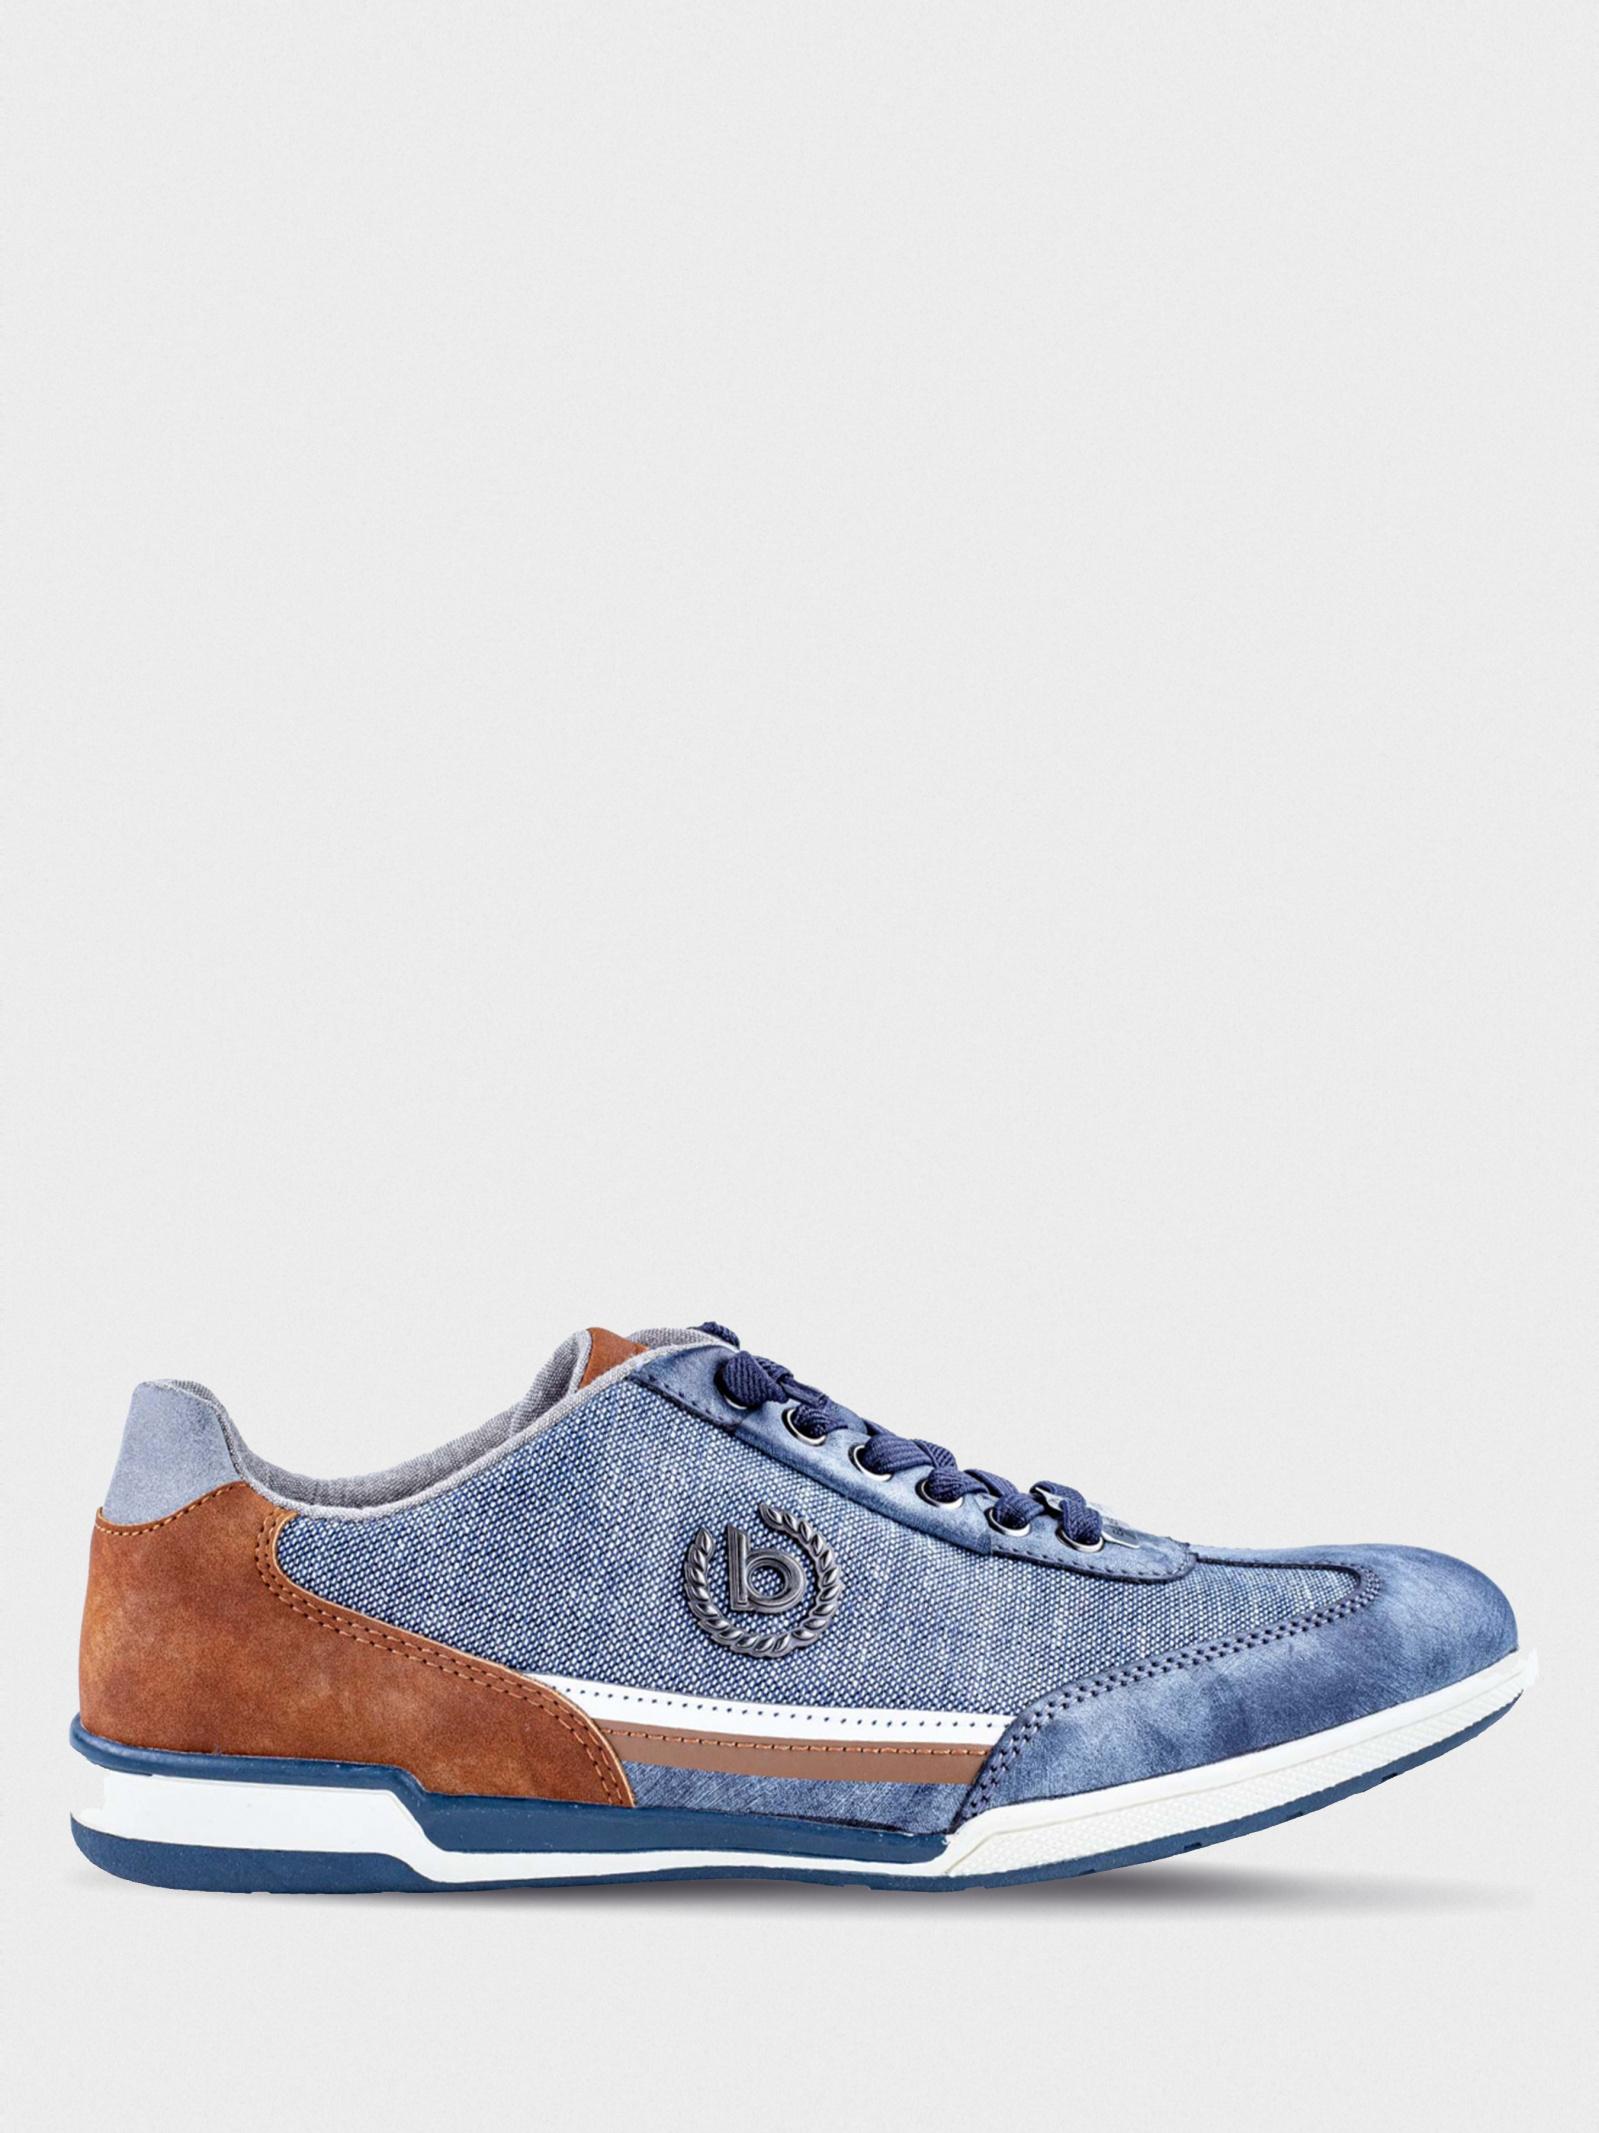 Кроссовки для мужчин Bugatti Sneakers 321-72603-5000-4000 смотреть, 2017